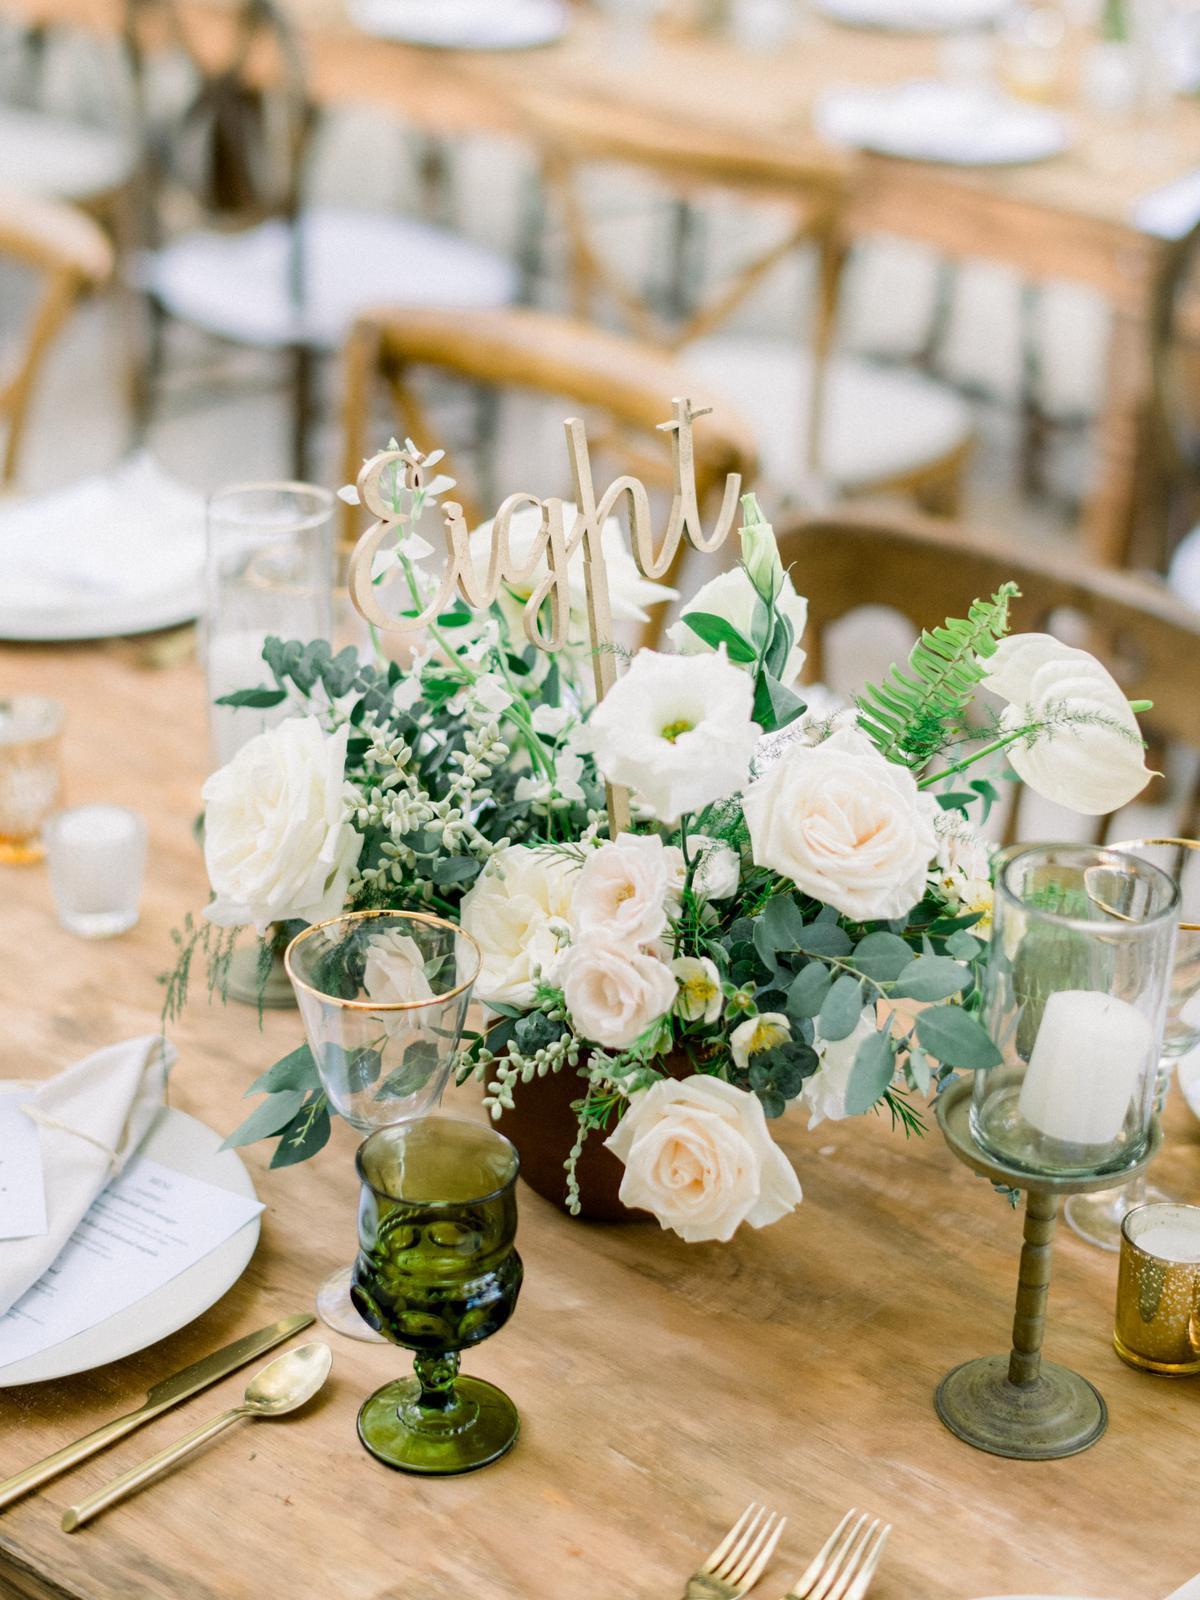 Inšpirácie na svadobné stolovovanie - Obrázok č. 7